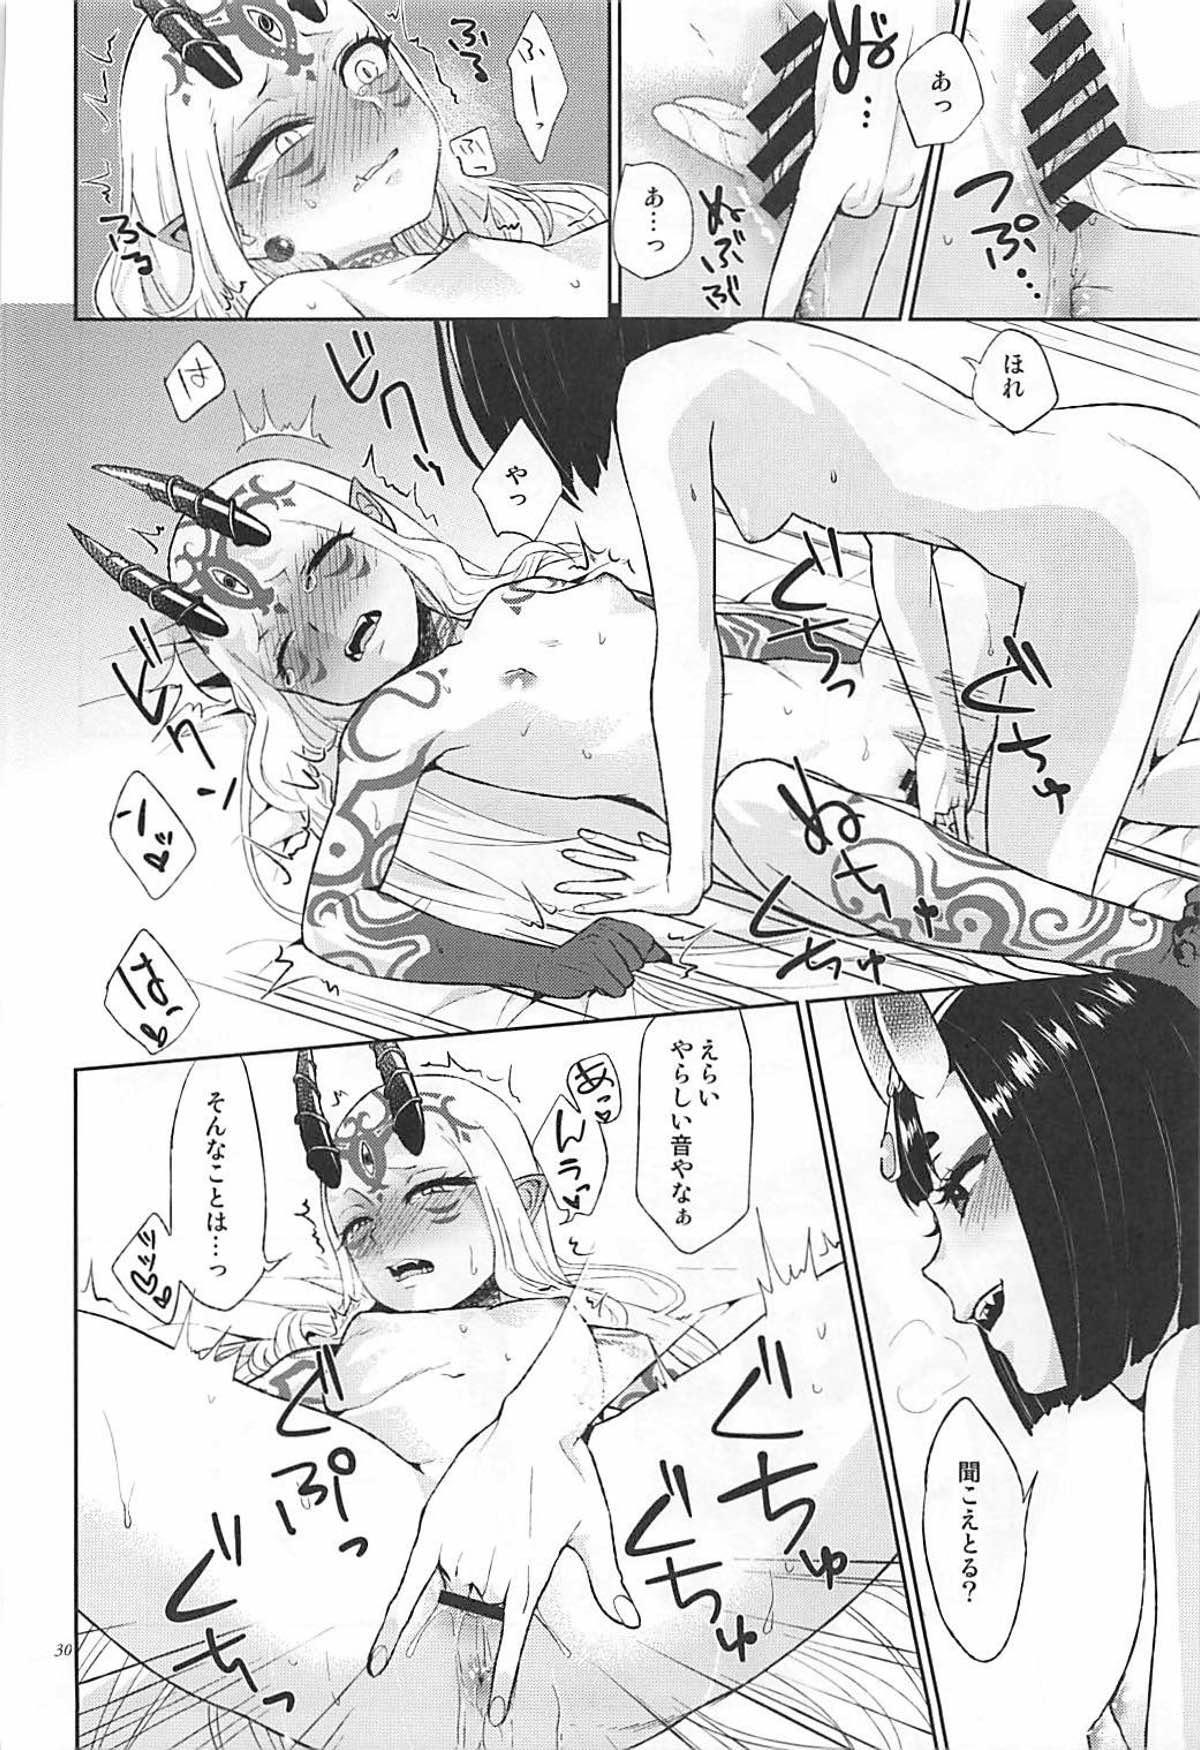 【エロ同人誌 FGO】酒呑童子と茨木童子がイチャラブ百合セックスwww【無料 エロ漫画】 (29)